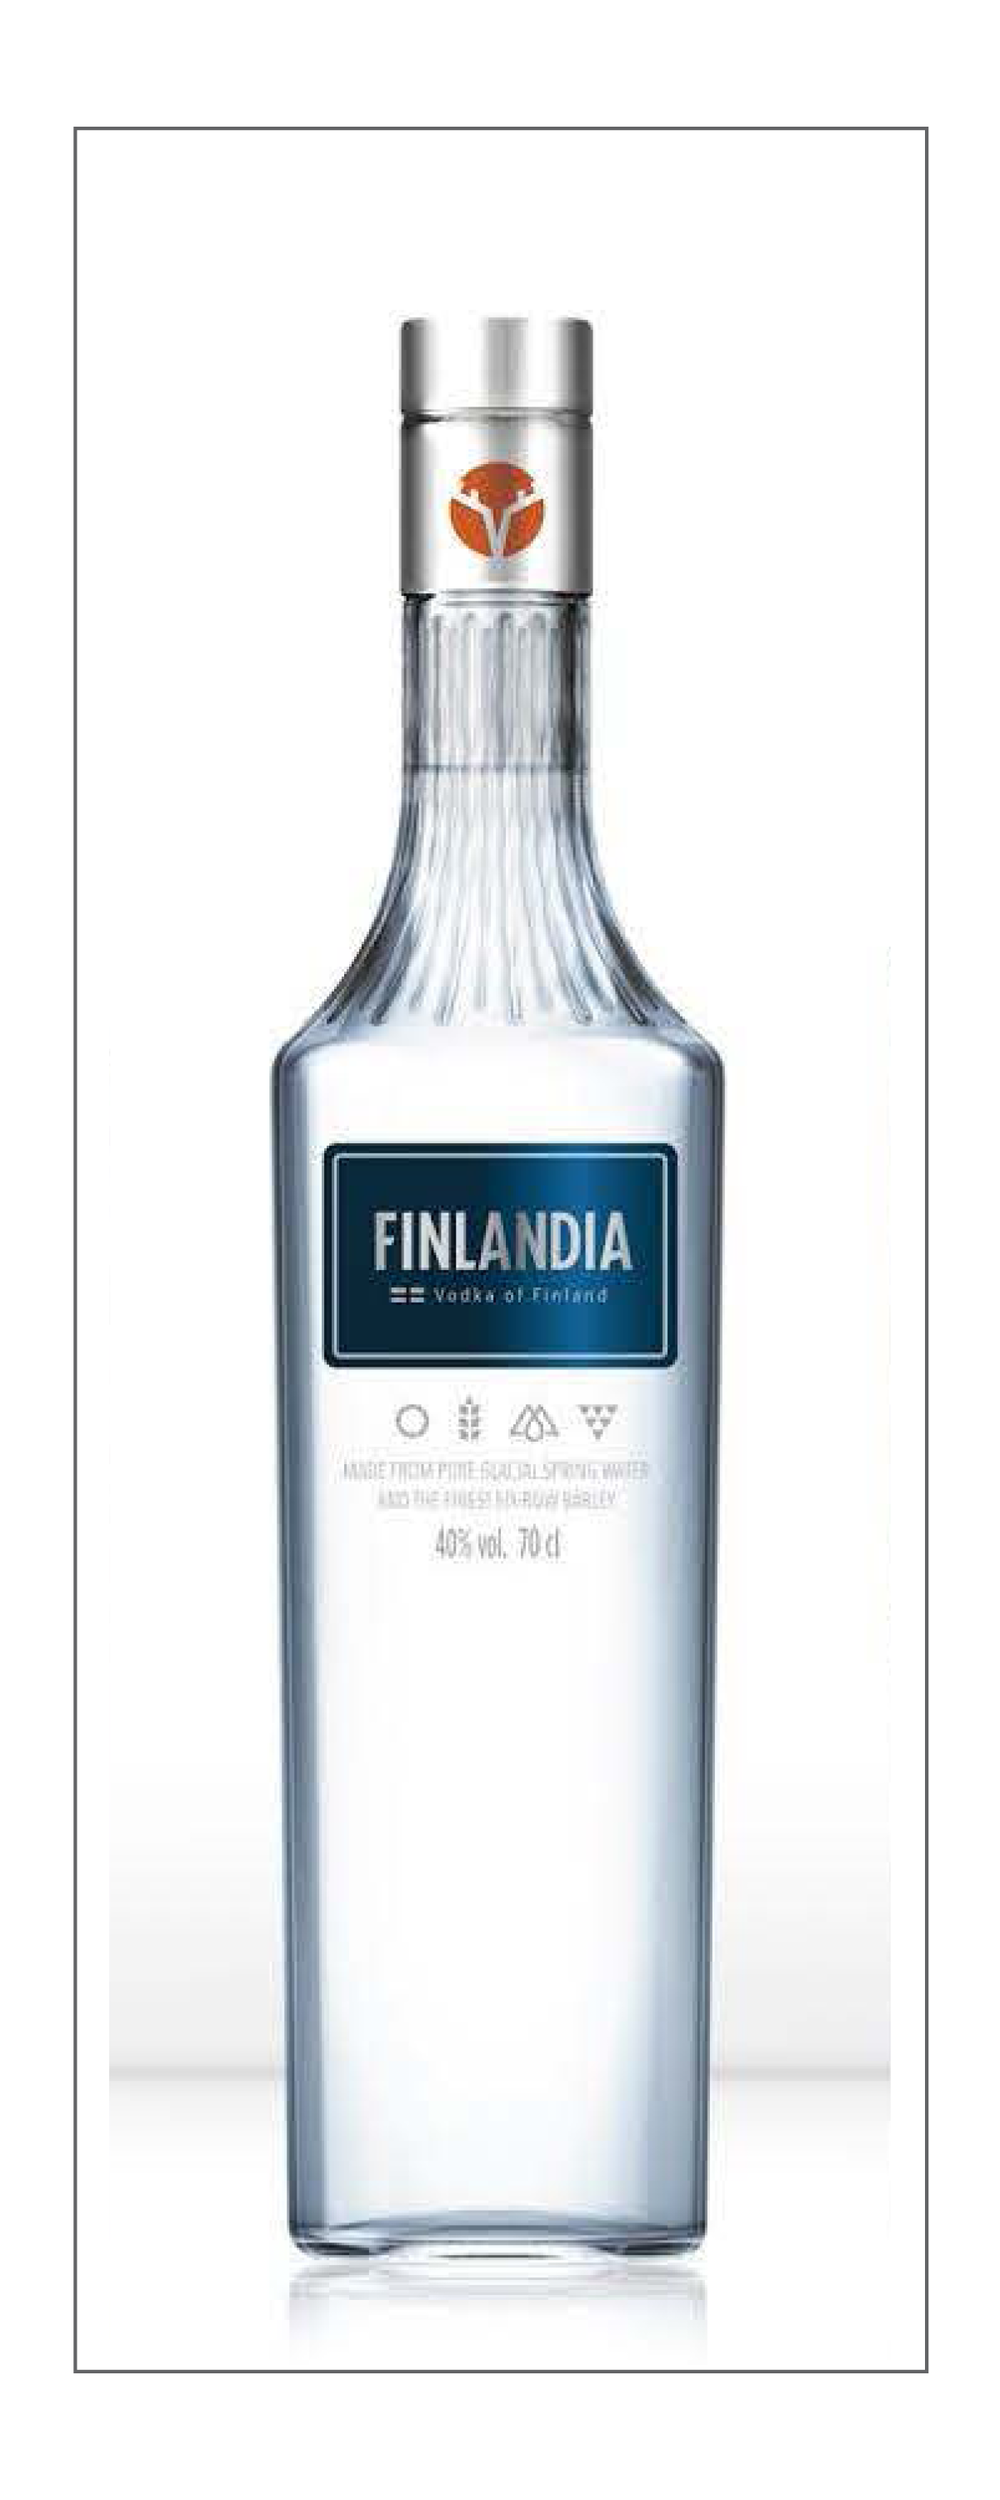 FV_Bottle_concepts22.png